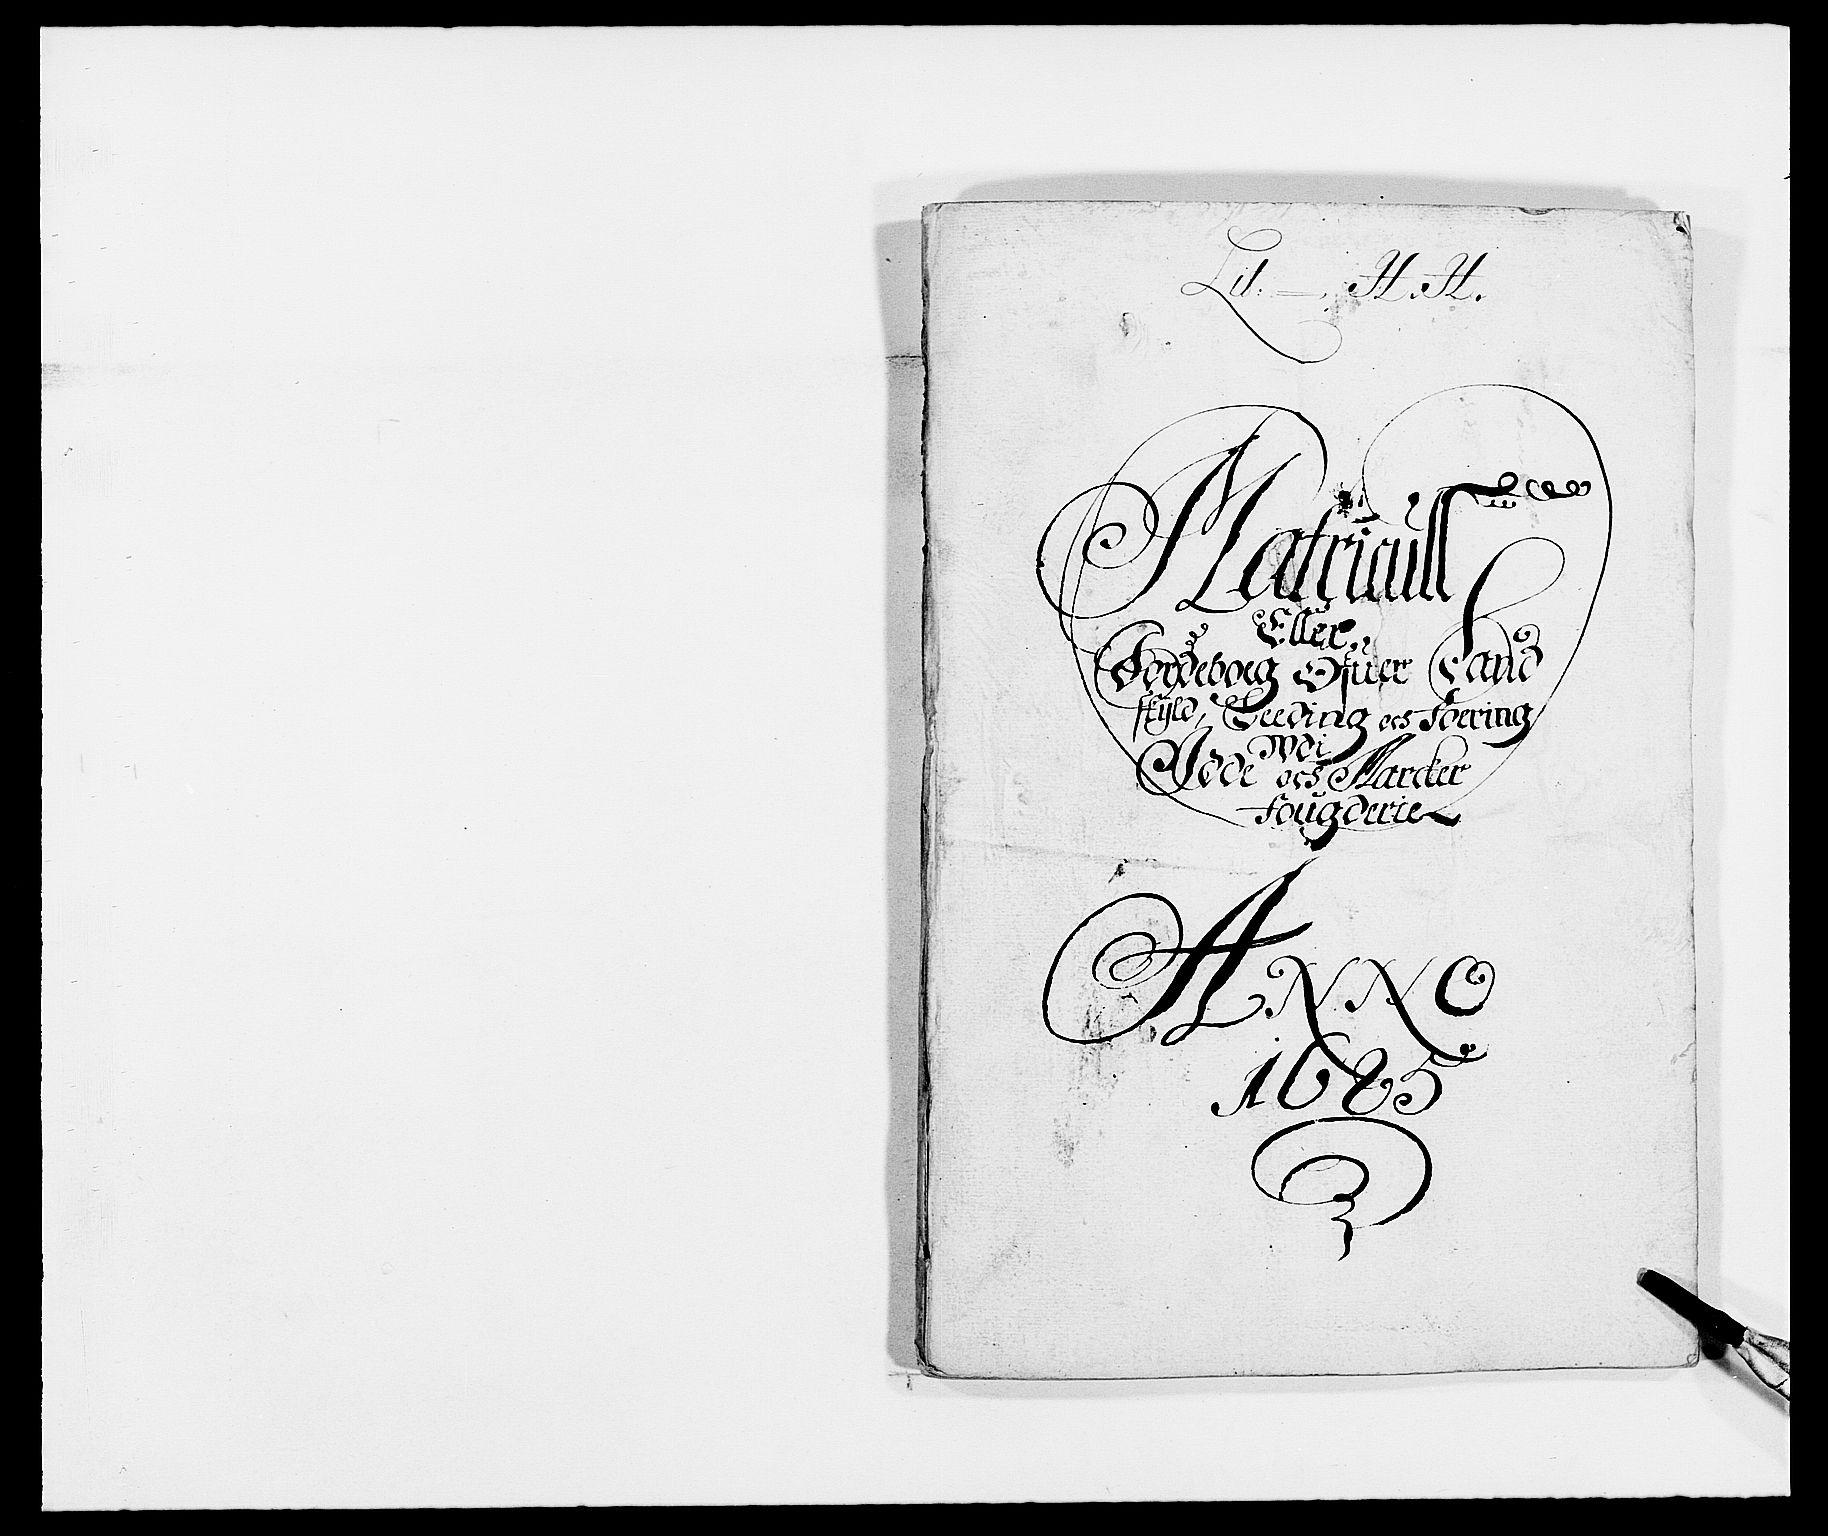 RA, Rentekammeret inntil 1814, Reviderte regnskaper, Fogderegnskap, R01/L0006: Fogderegnskap Idd og Marker, 1685-1686, s. 12